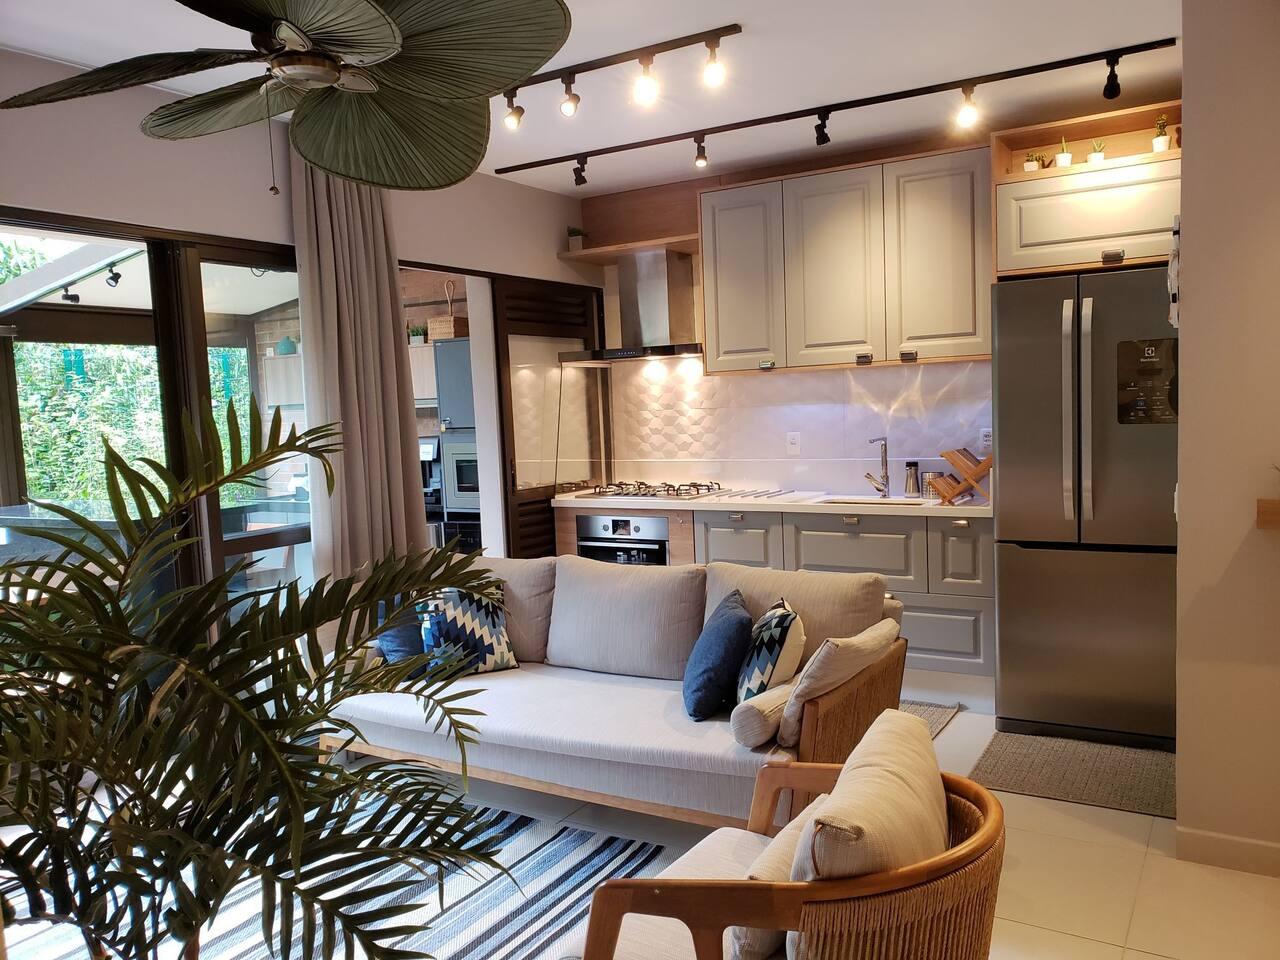 Sala integrado com cozinha e ampla iluminação